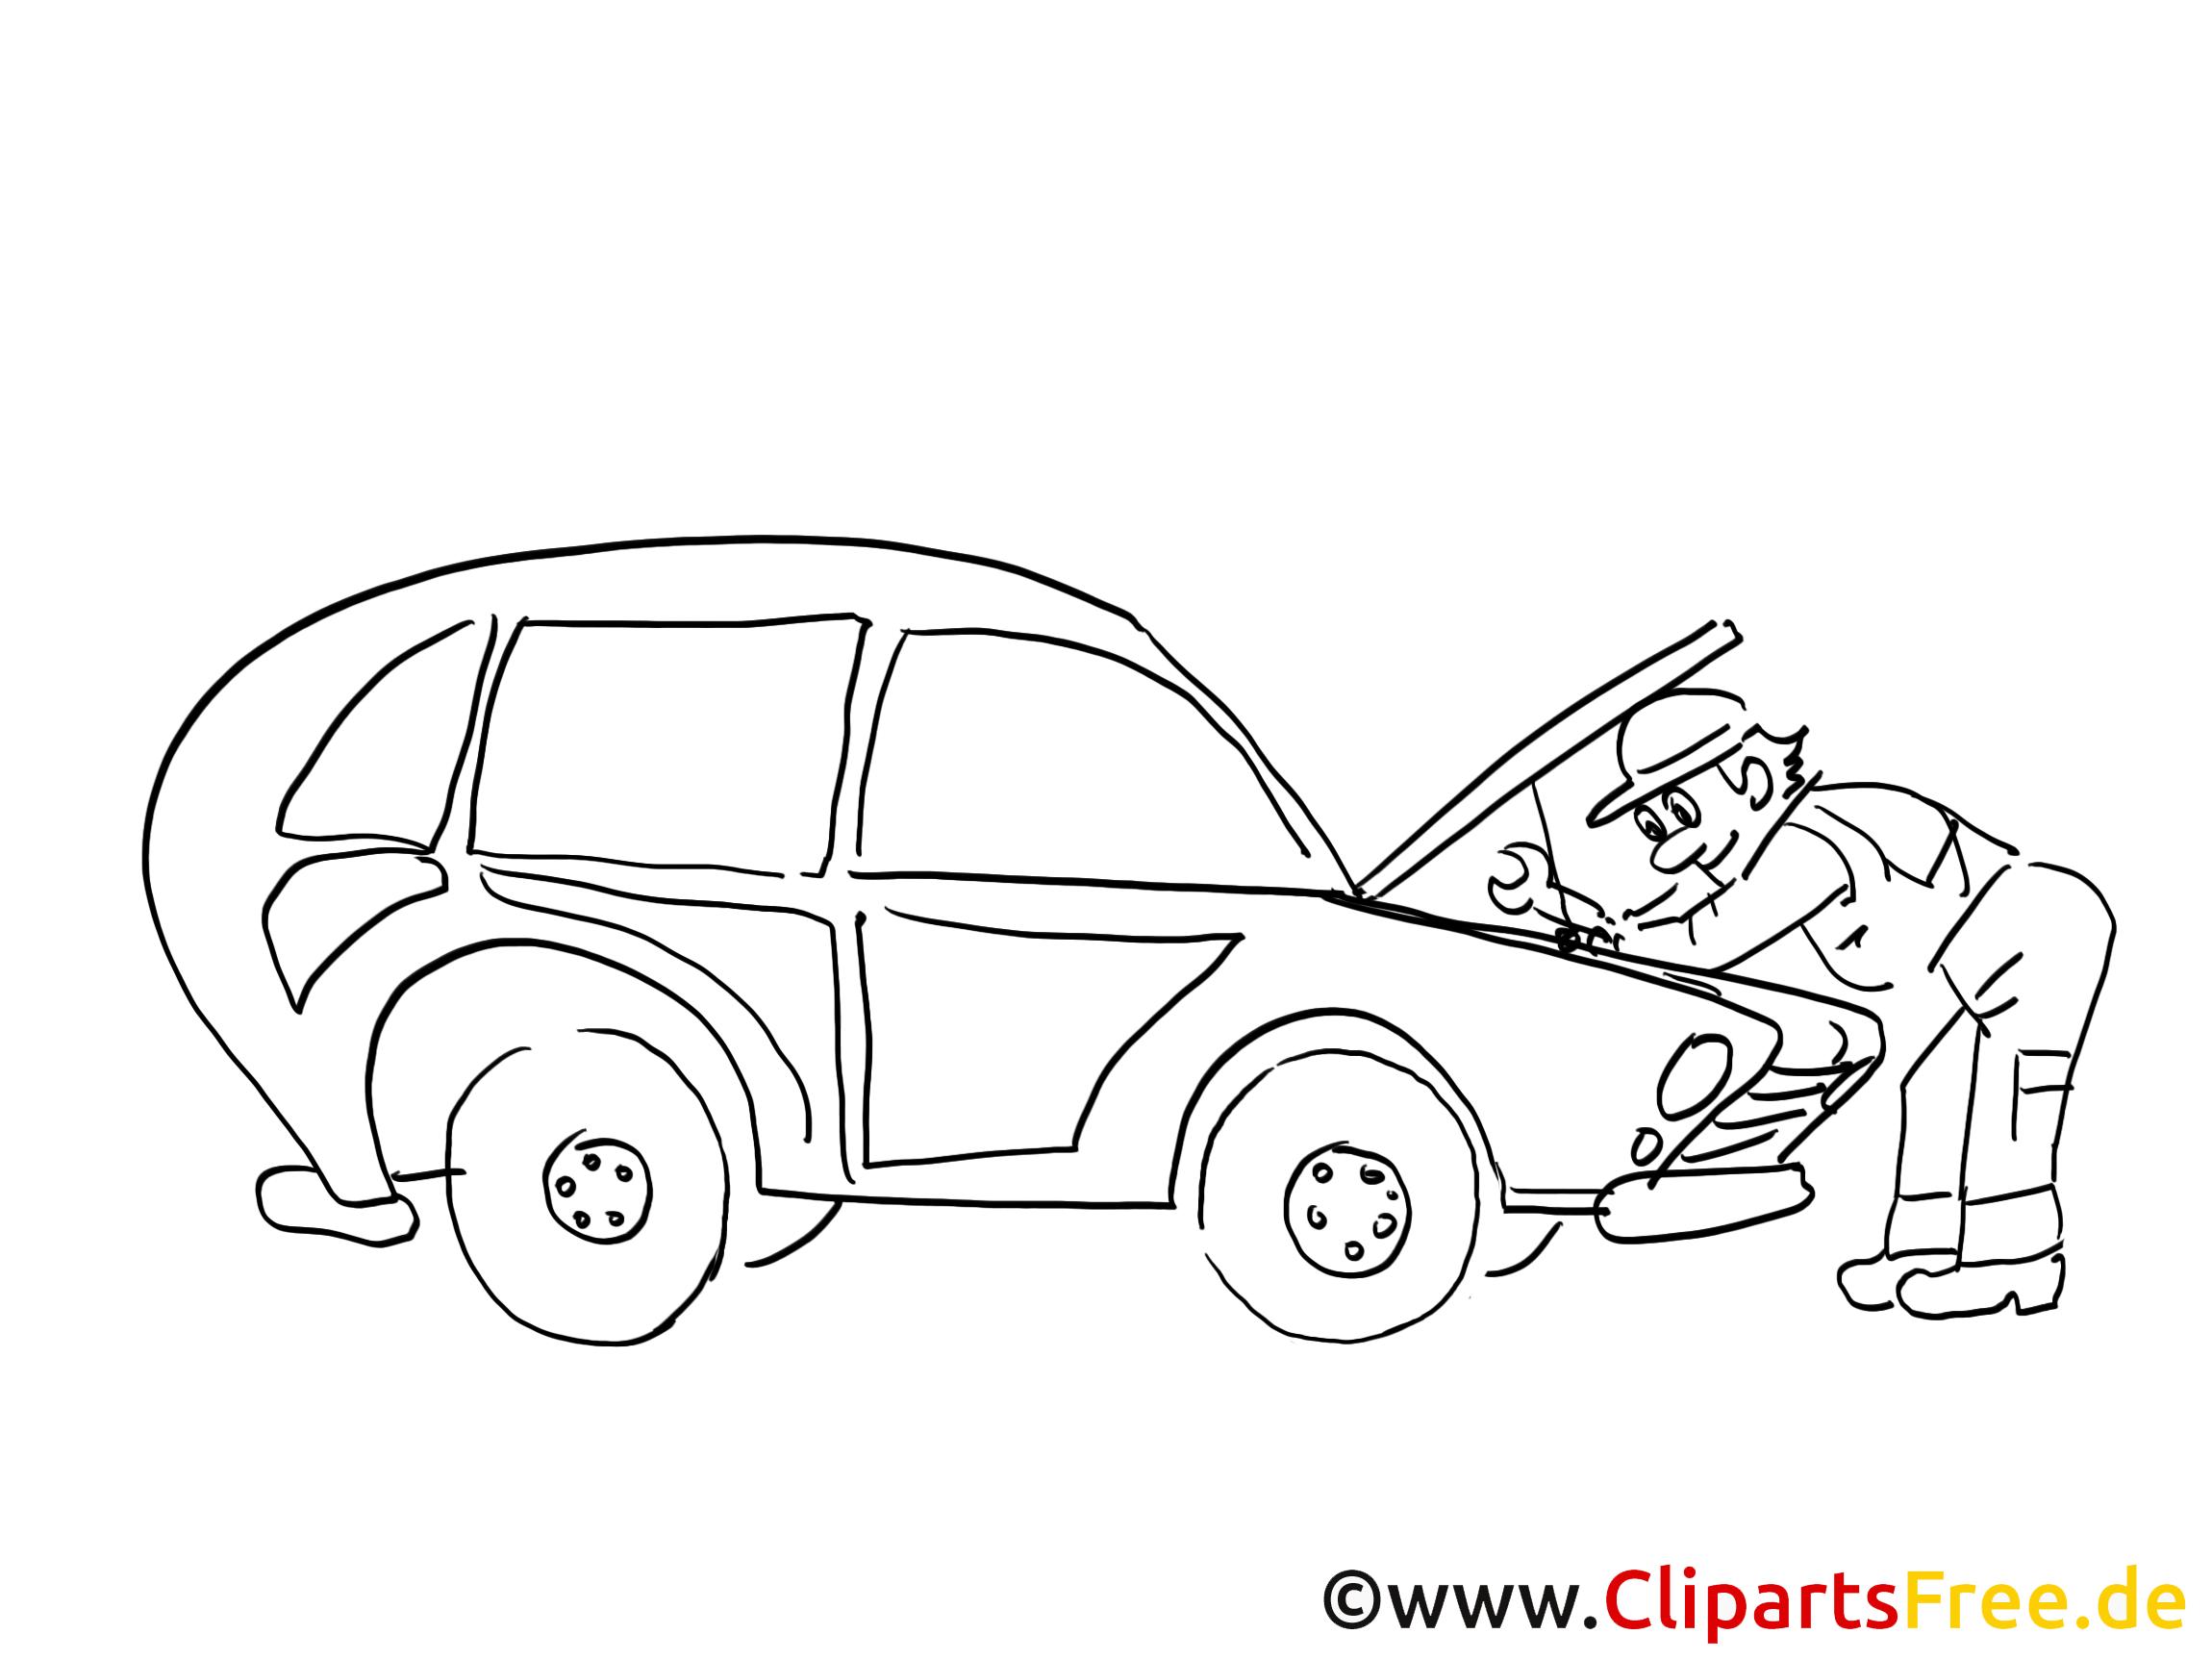 Auto service clip art, graphic, pic, cartoon, comic free